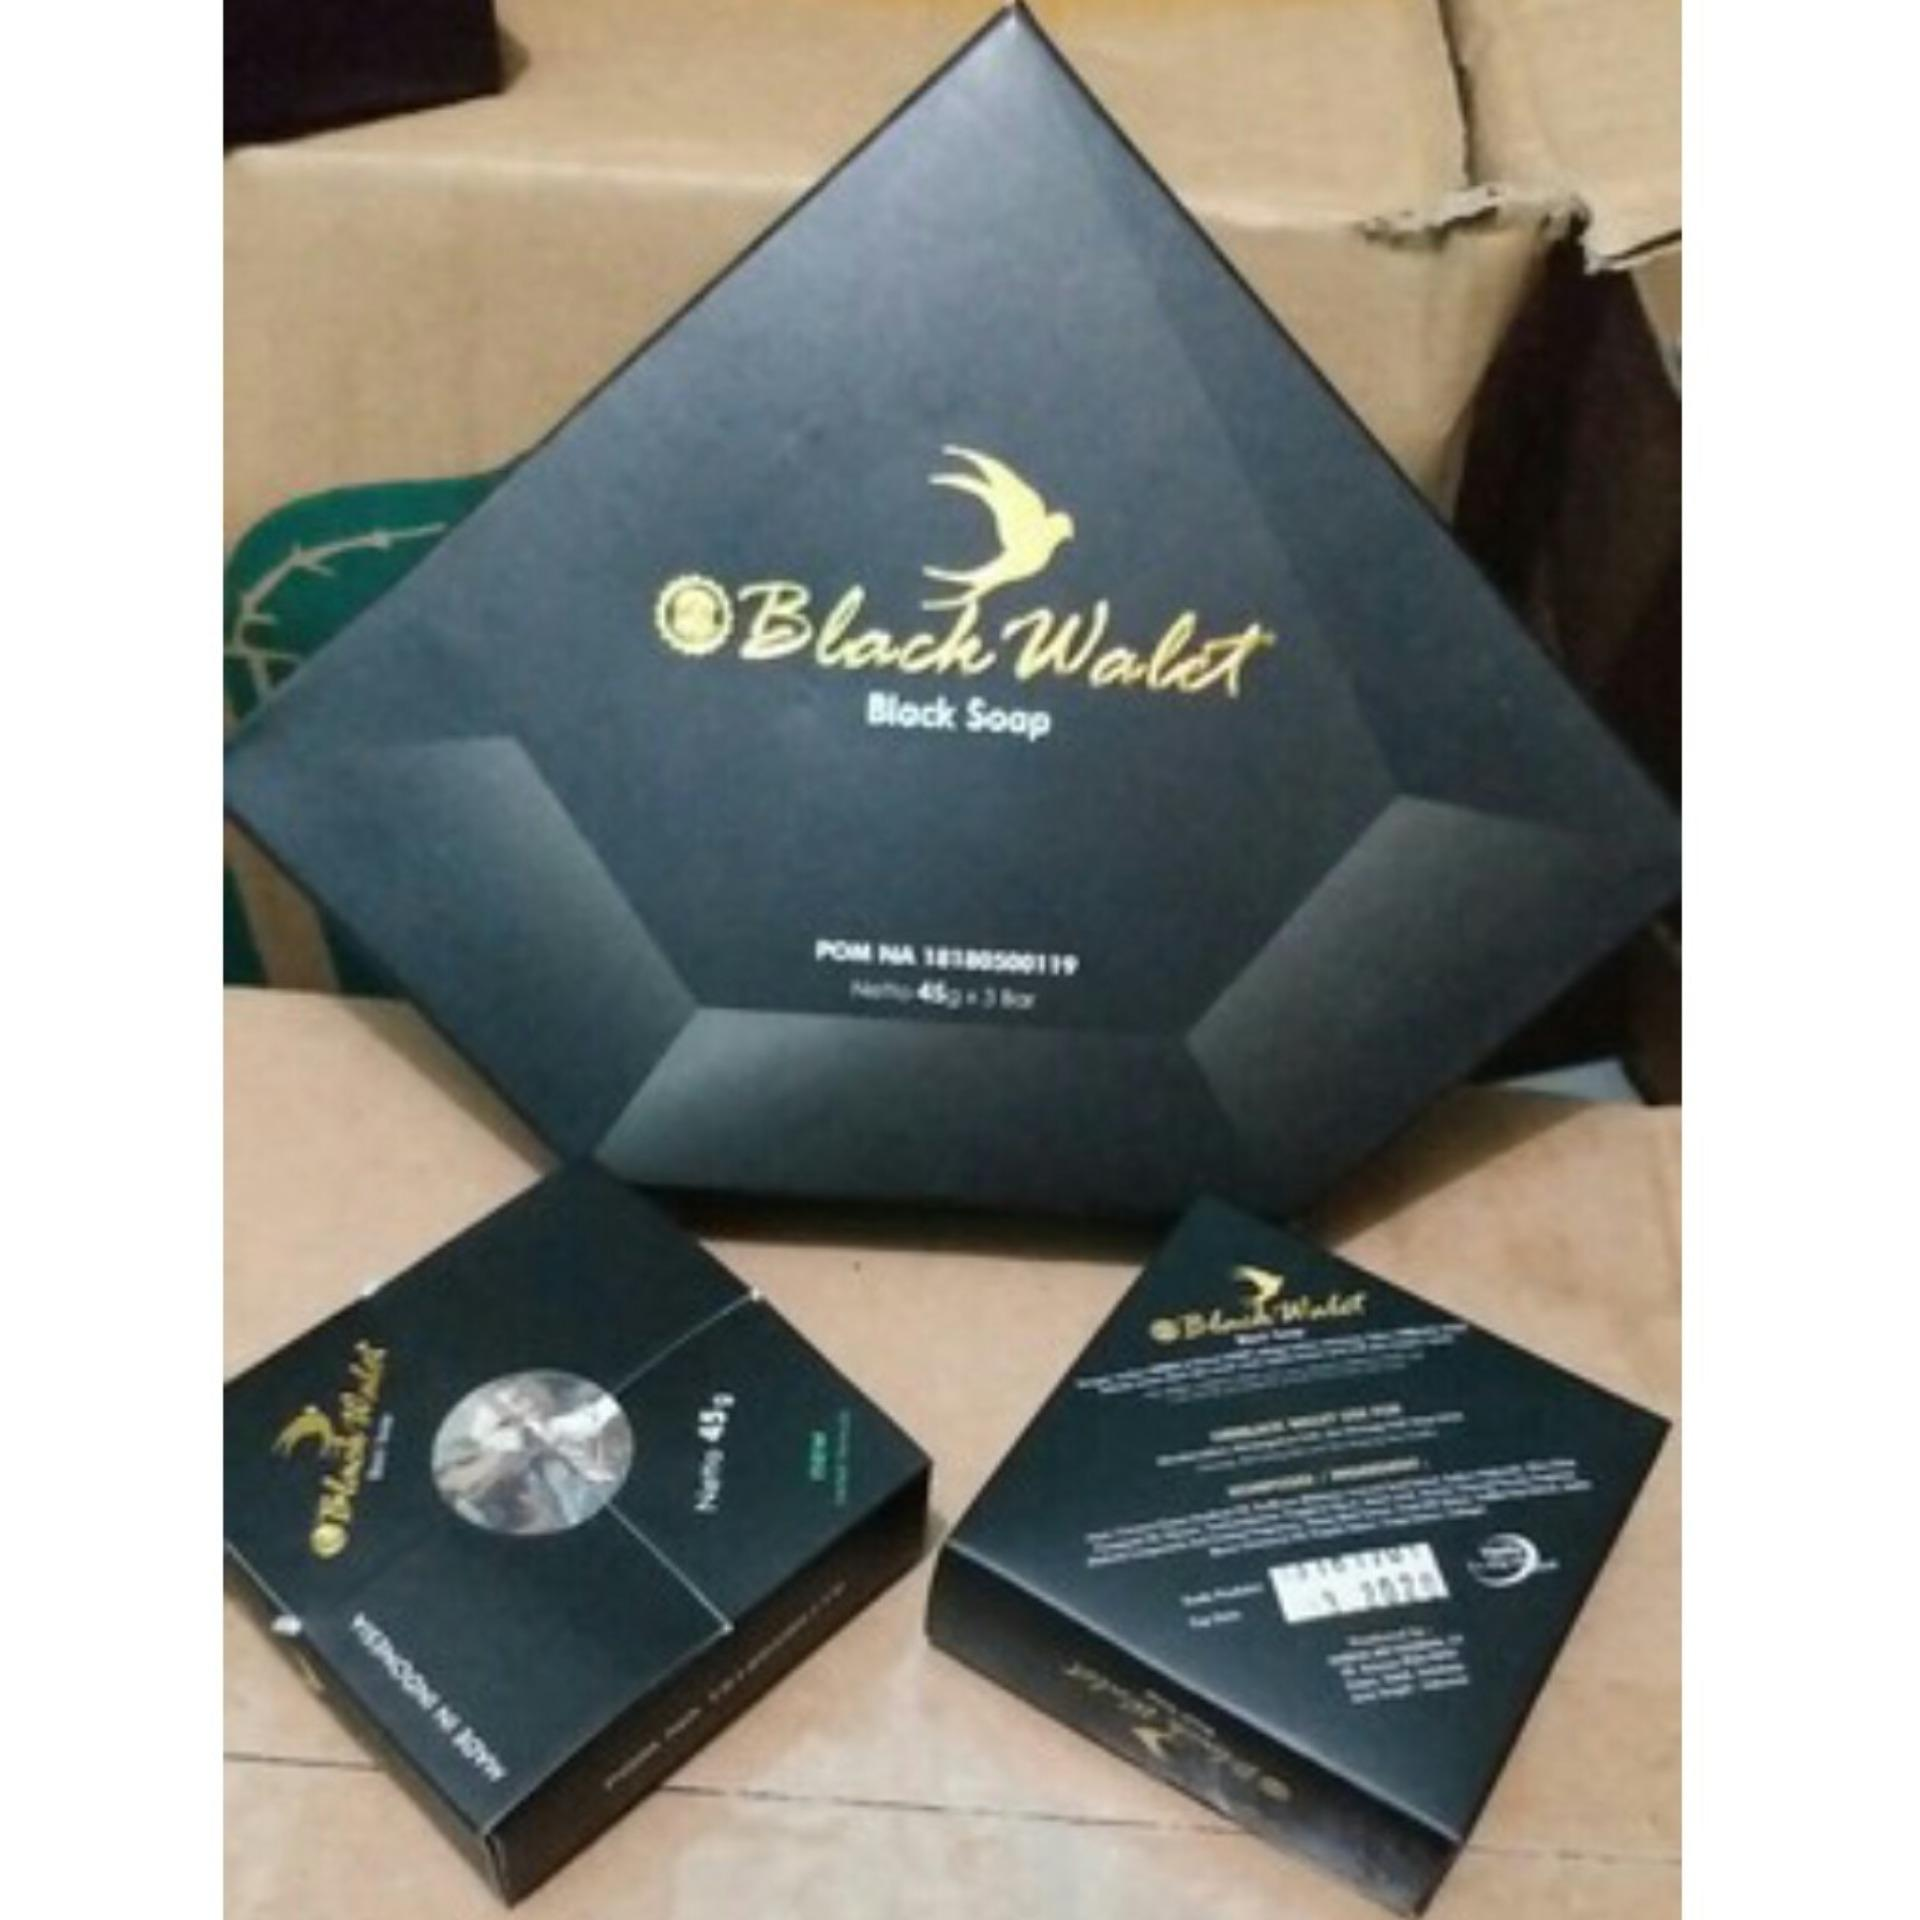 Assyifa [3 pcs] ORIGINAL Sabun Hitam Sabun Black Walet Facial shoap Wallet